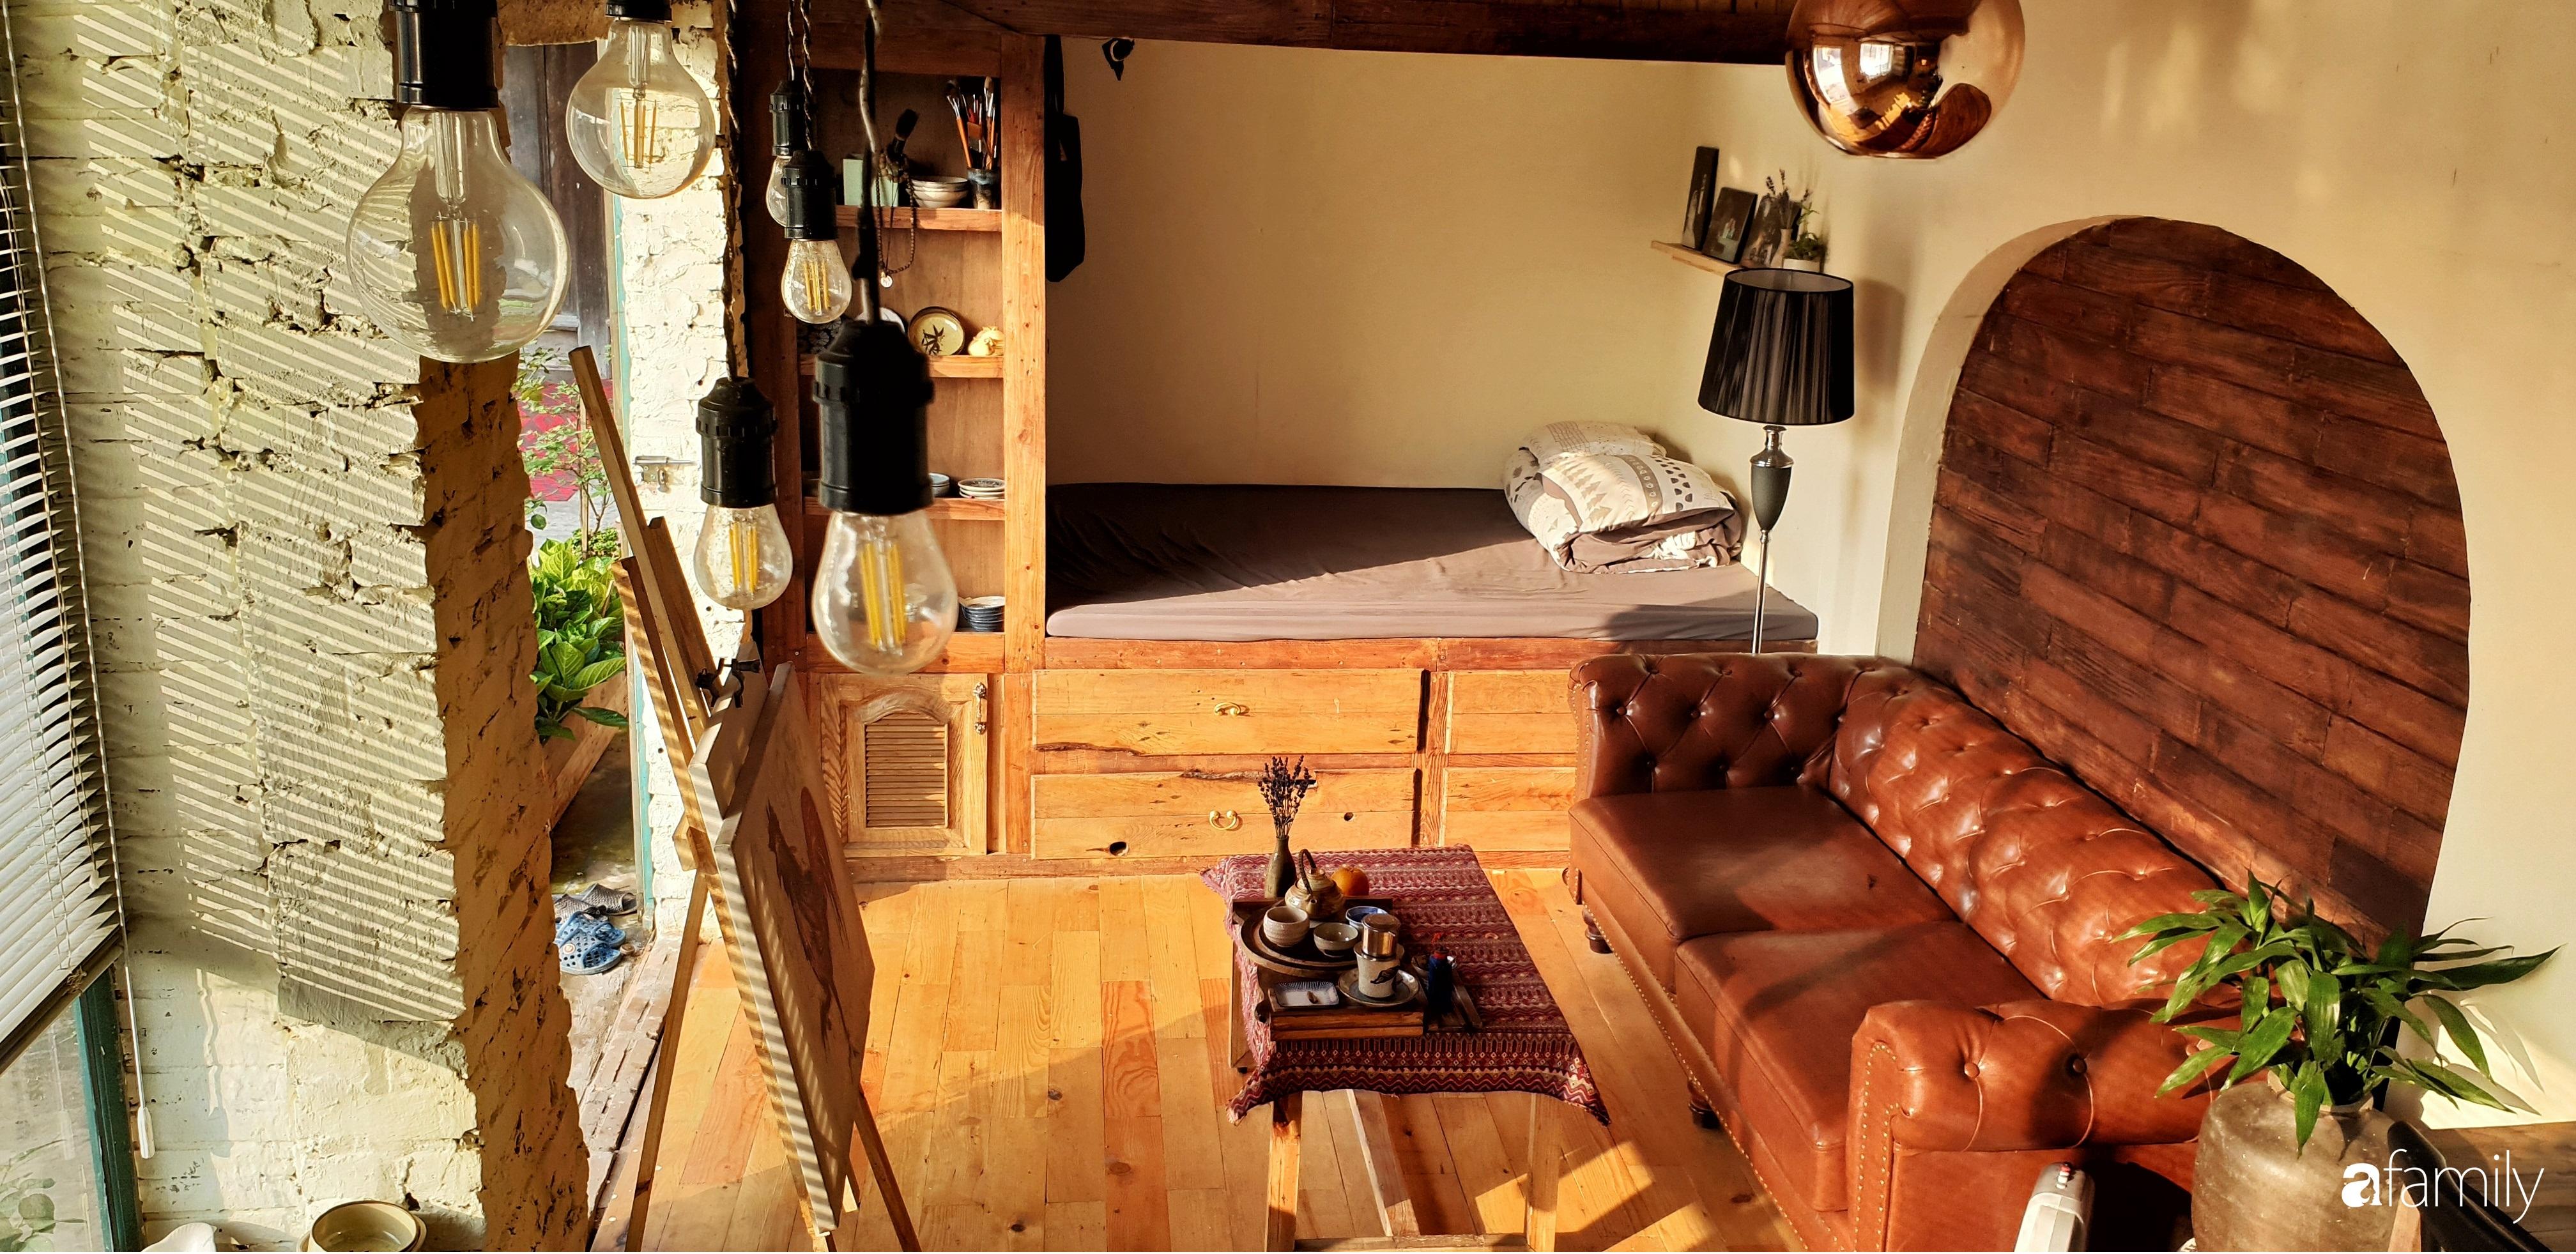 Chàng trai miền Trung biến nhà kho cũ thành ngôi nhà hạnh phúc đẹp lãng mạn cho hai vợ chồng - Ảnh 11.